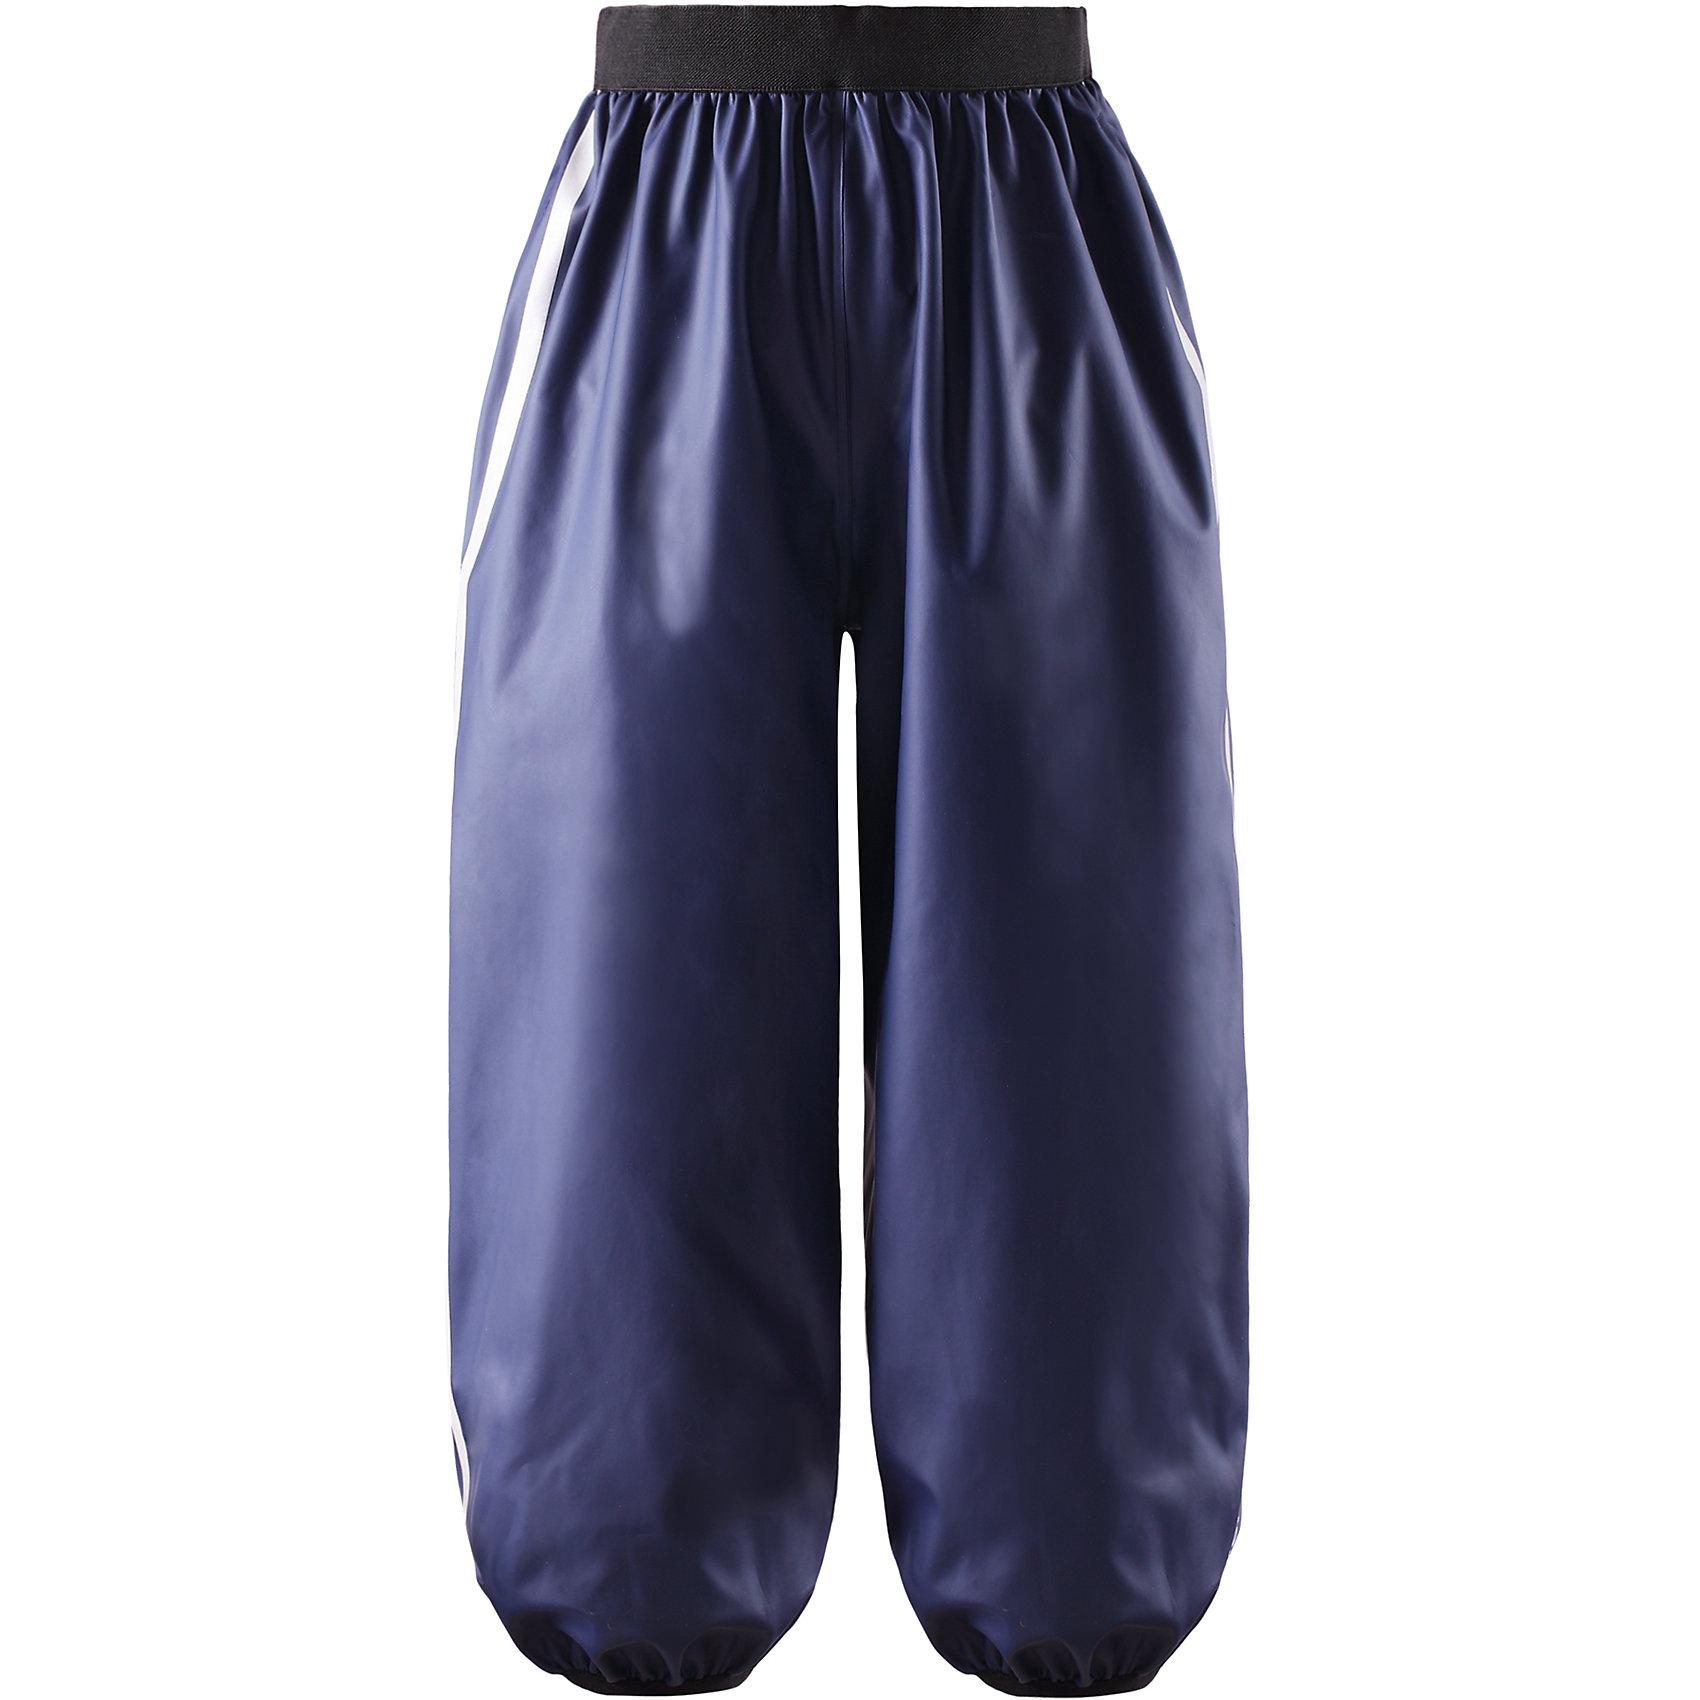 Непромокаемые брюки Oja для мальчика ReimaНепромокаемые брюки  для мальчика Reima.<br>Детские брюки для дождливой погоды. Запаянные швы, не пропускающие влагу. Эластичный материал. Без ПХВ. Эластичная талия. Съемные штрипки в размерах от 104 до 128 см. Безопасные светоотражающие детали. Отличный вариант для дождливой погоды.<br>Уход:<br>Стирать по отдельности, вывернув наизнанку. Стирать моющим средством, не содержащим отбеливающие вещества. Полоскать без специального средства. Во избежание изменения цвета изделие необходимо вынуть из стиральной машинки незамедлительно после окончания программы стирки. Сушить при низкой температуре.<br>Состав:<br>100% Полиамид, полиуретановое покрытие<br><br>Ширина мм: 215<br>Глубина мм: 88<br>Высота мм: 191<br>Вес г: 336<br>Цвет: синий<br>Возраст от месяцев: 84<br>Возраст до месяцев: 96<br>Пол: Мужской<br>Возраст: Детский<br>Размер: 128,134,104,110,122,116,140<br>SKU: 4777980